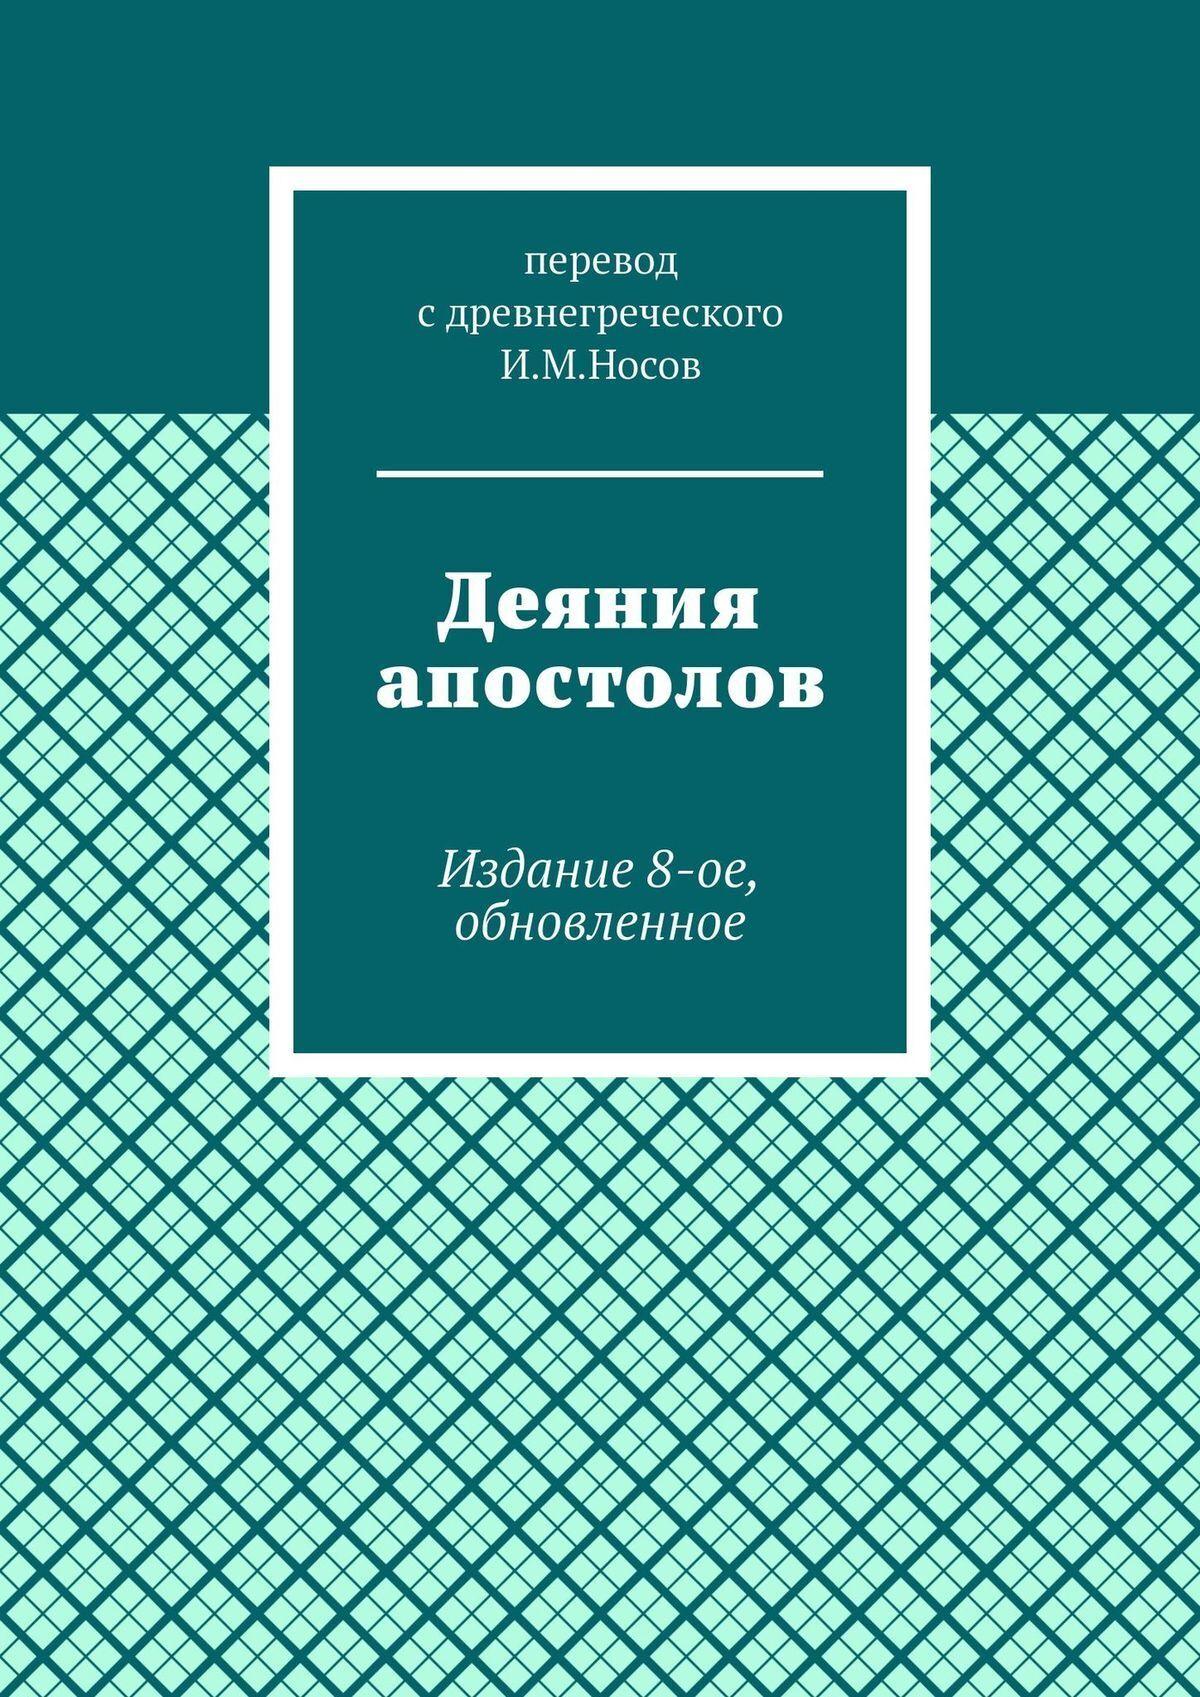 И. М. Носов Деяния апостолов. Издание2-е